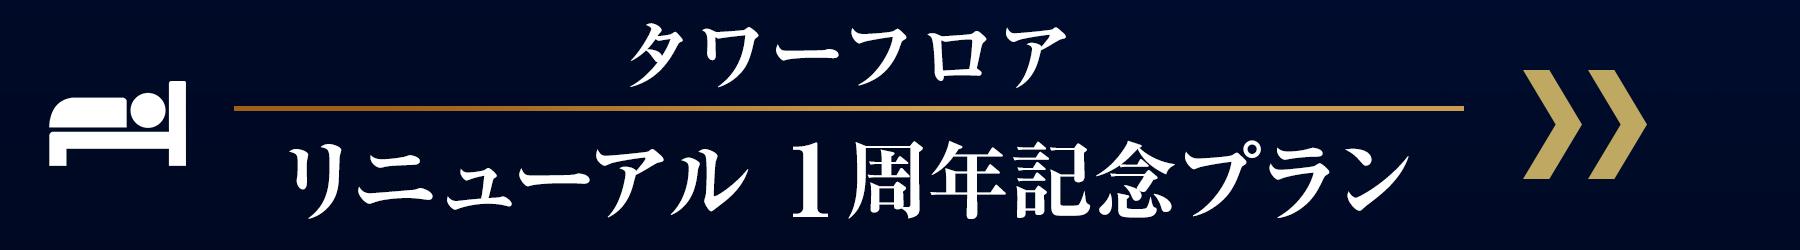 タワーフロア リニューアル1周年記念プラン